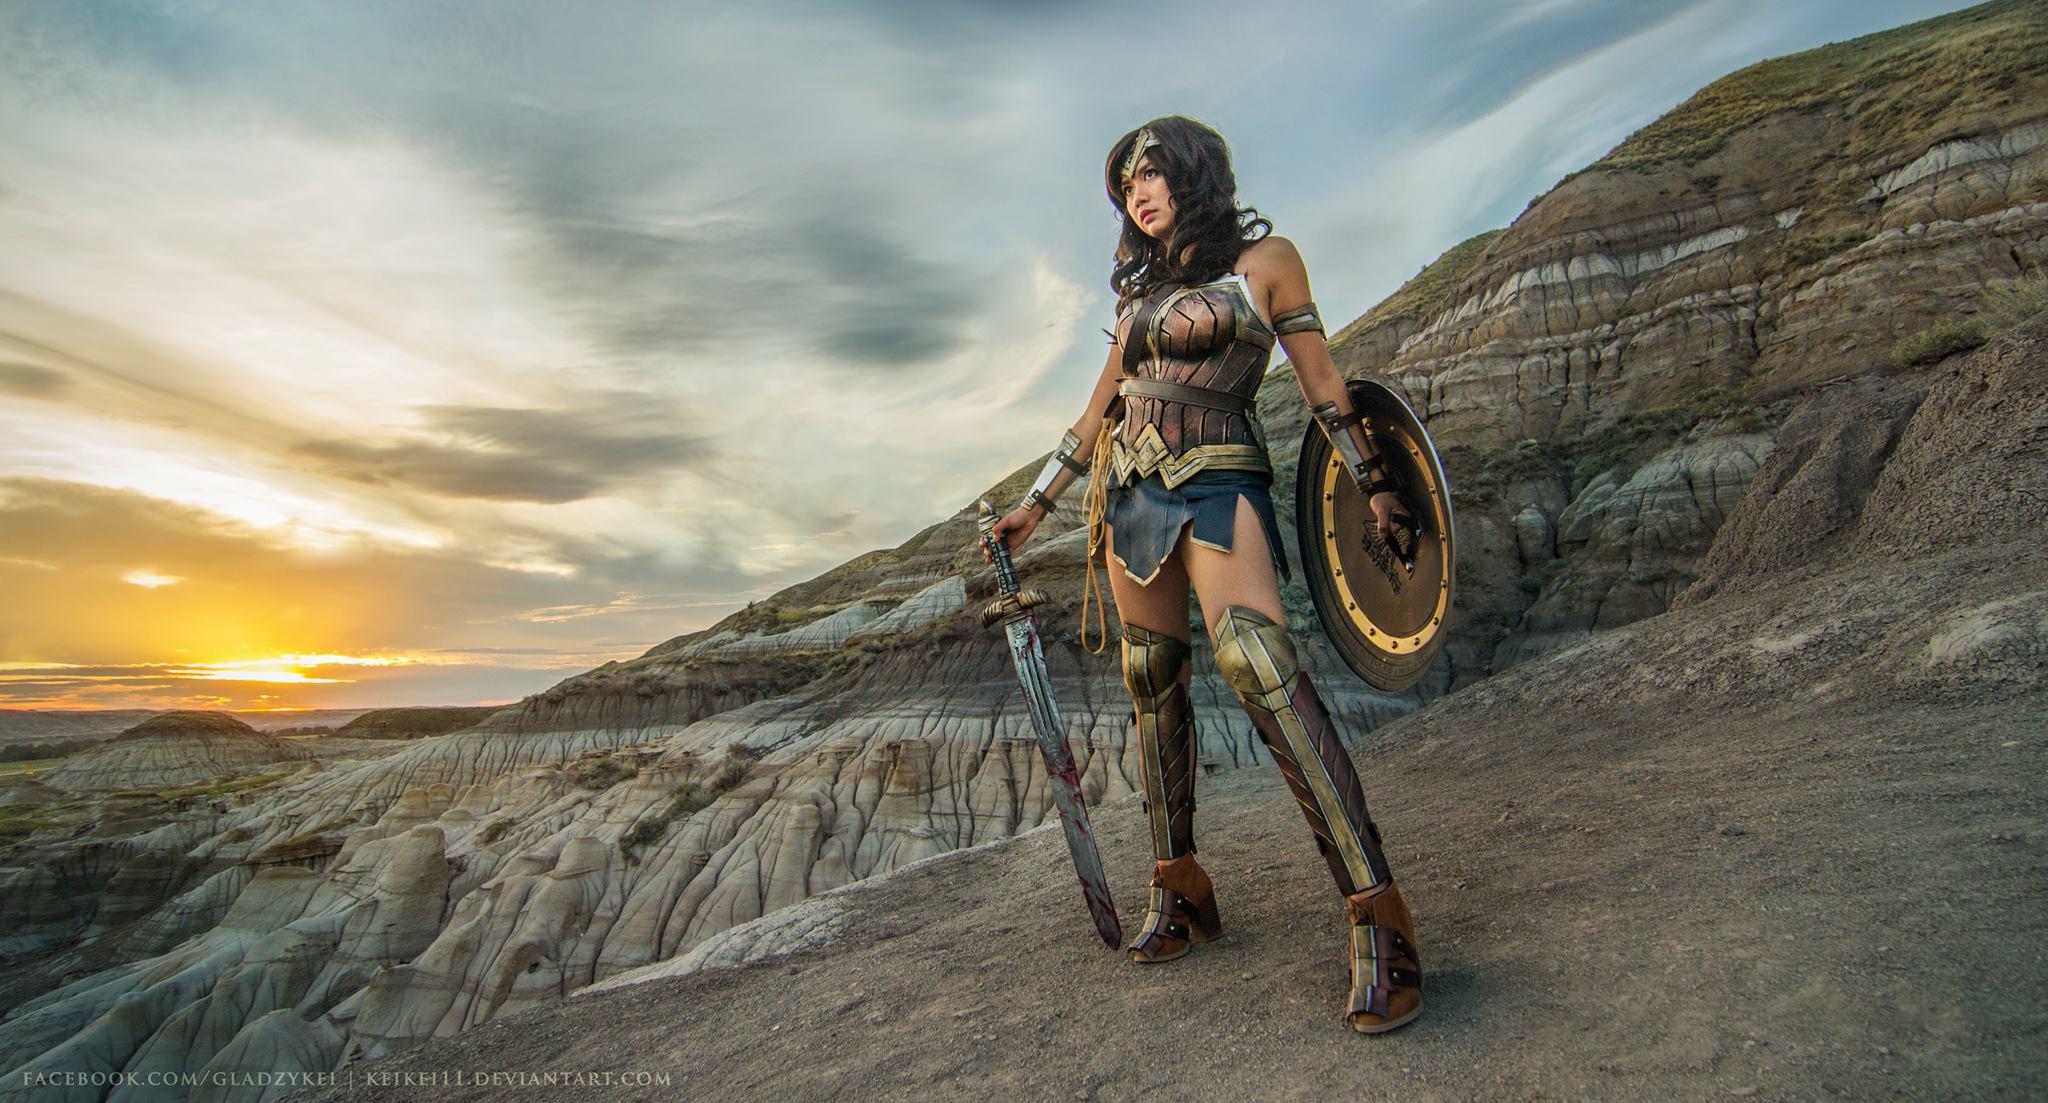 Gladzy Kei as Wonder Woman, photo by Pompey Cosplay